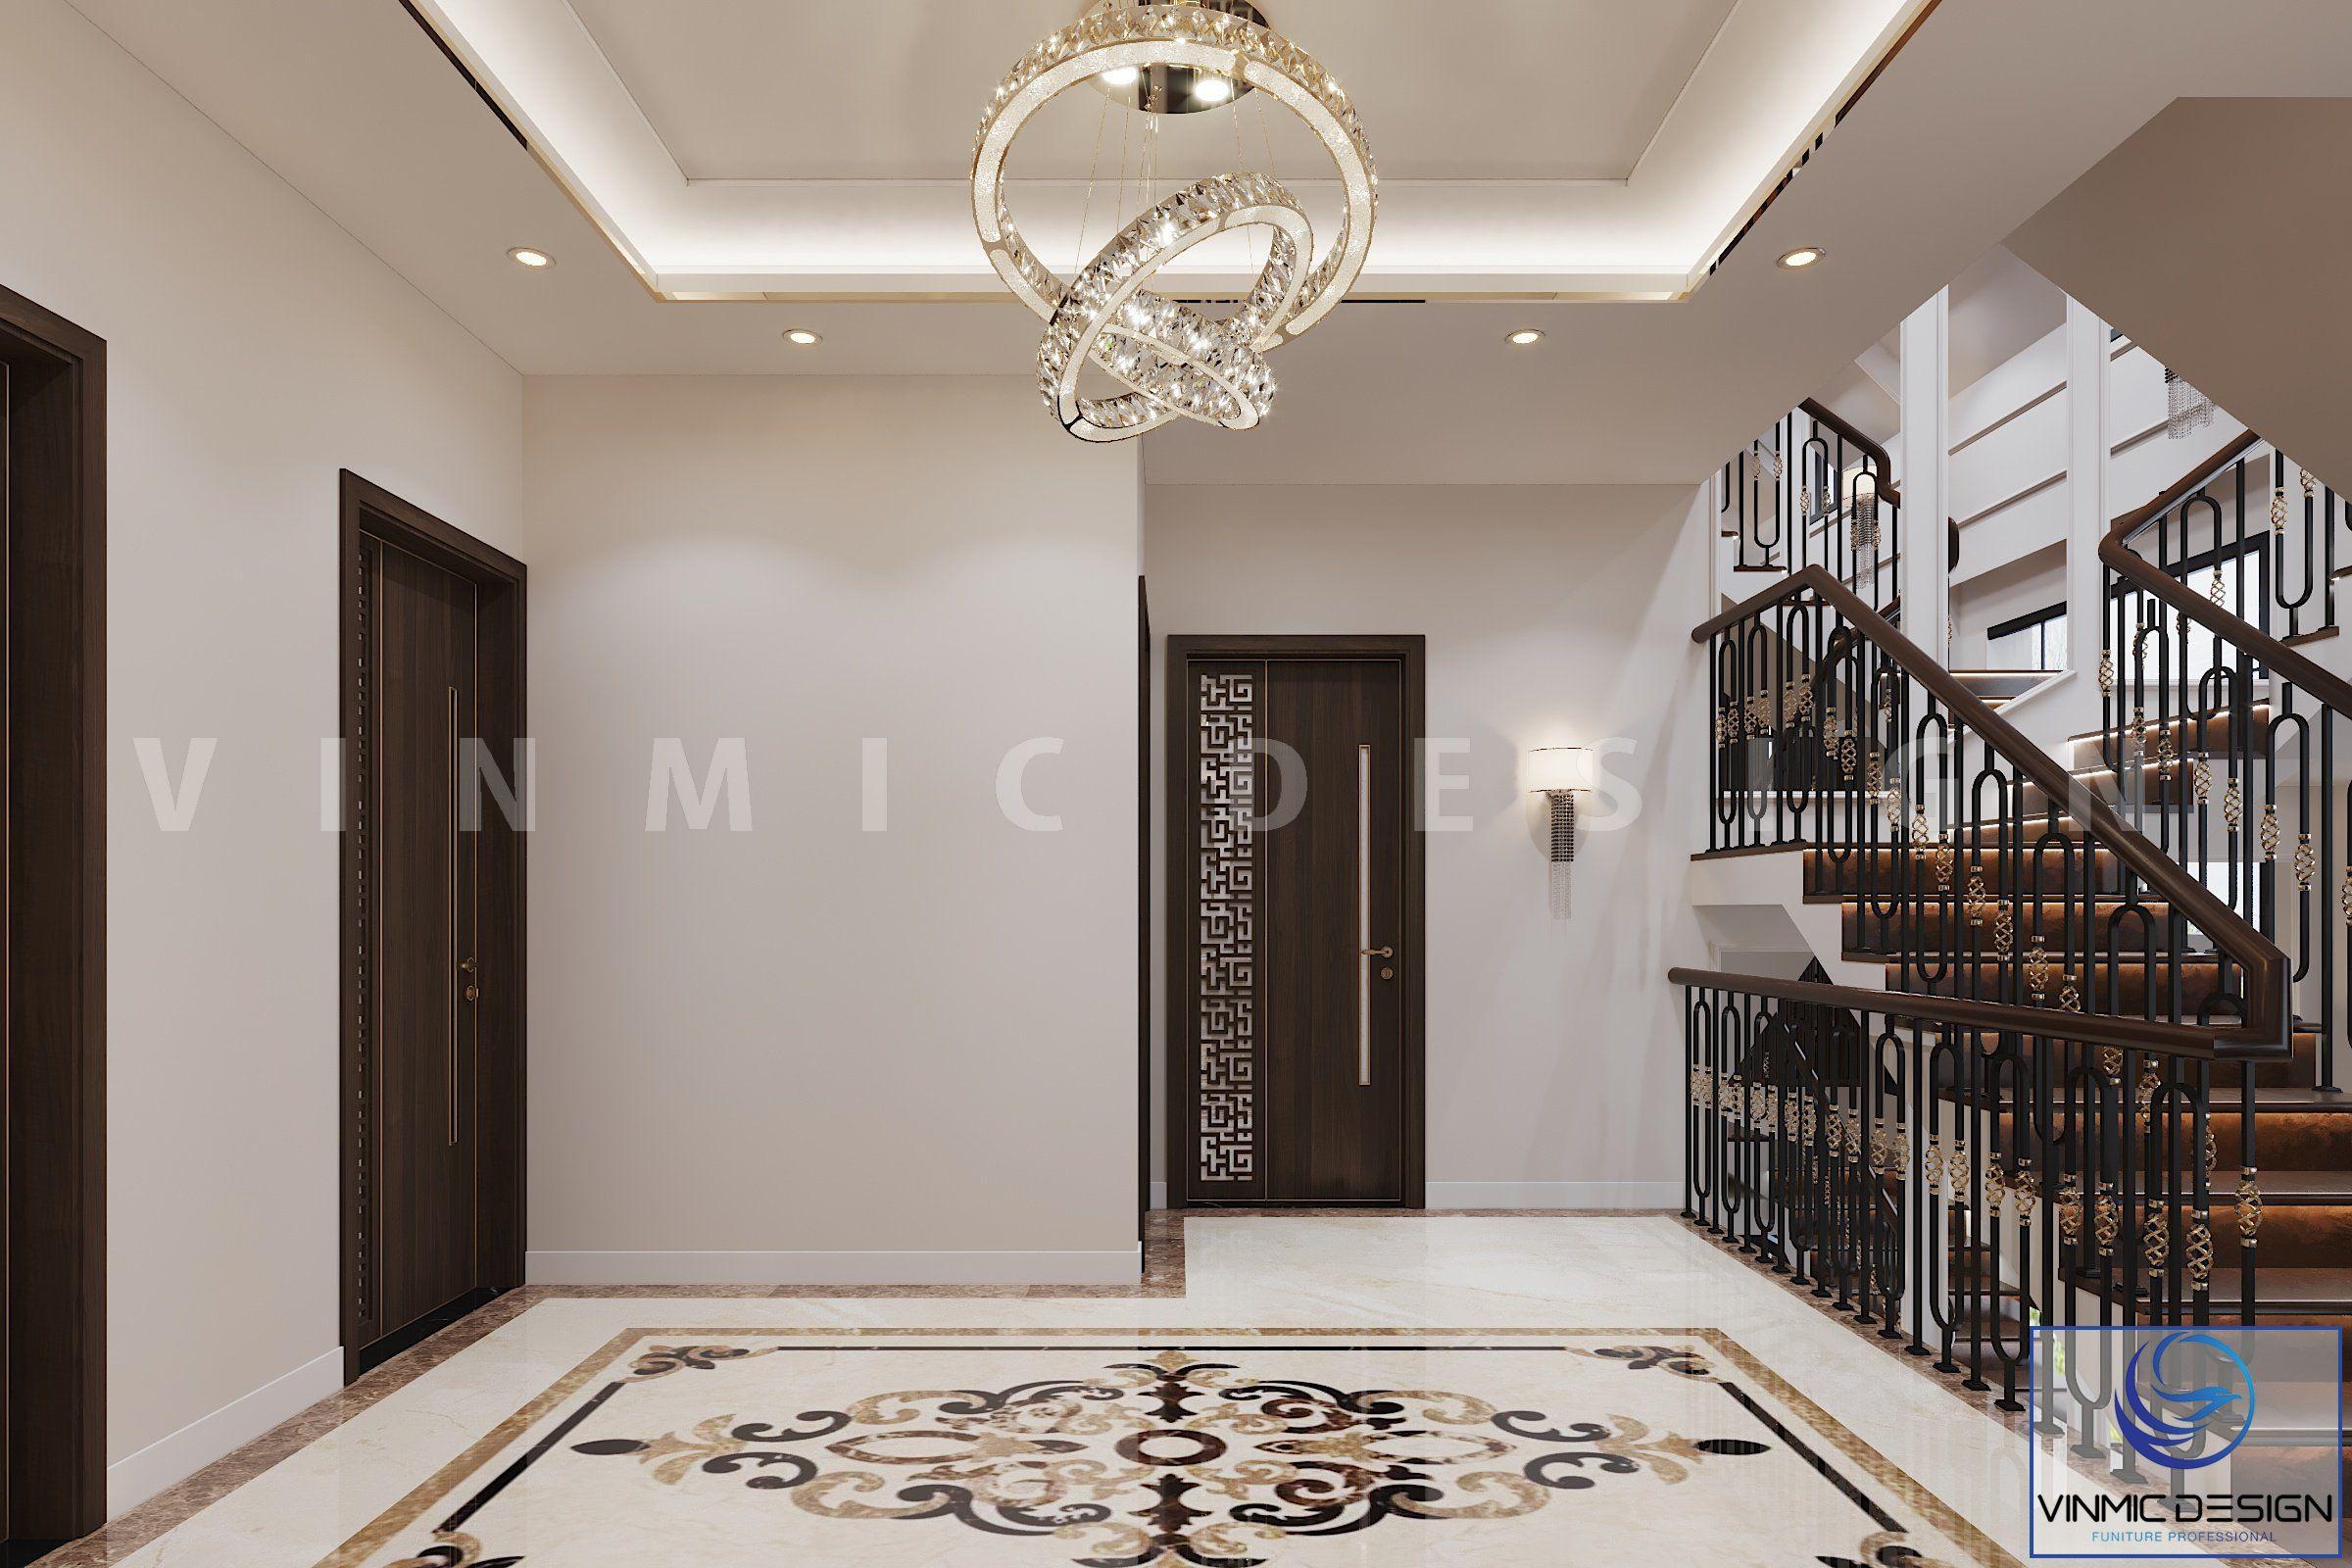 Thiết kế cầu thang và cửa phòng ấn tượng tại biệt thự Vinhomes Imperia Hải Phòng